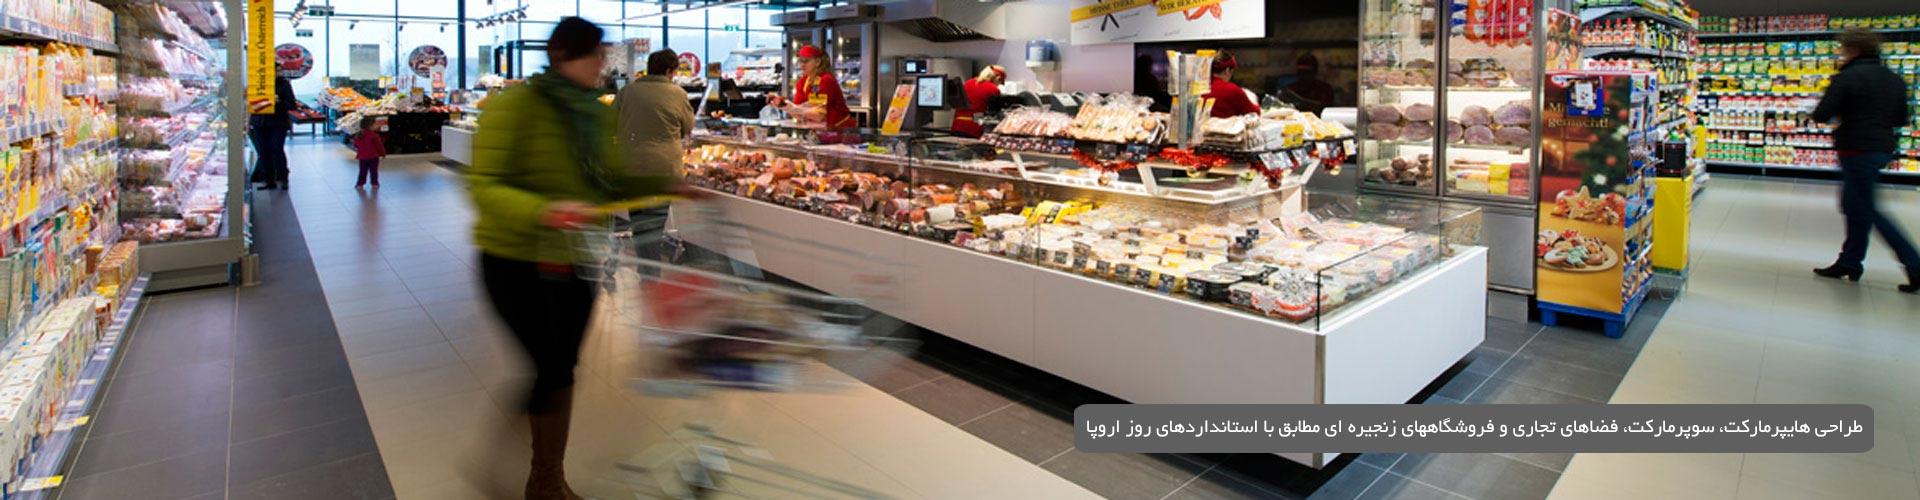 طراحی-تجهیز-هایپرمارکت-سوپرمارکت-فروشگاه-زنجیره ای